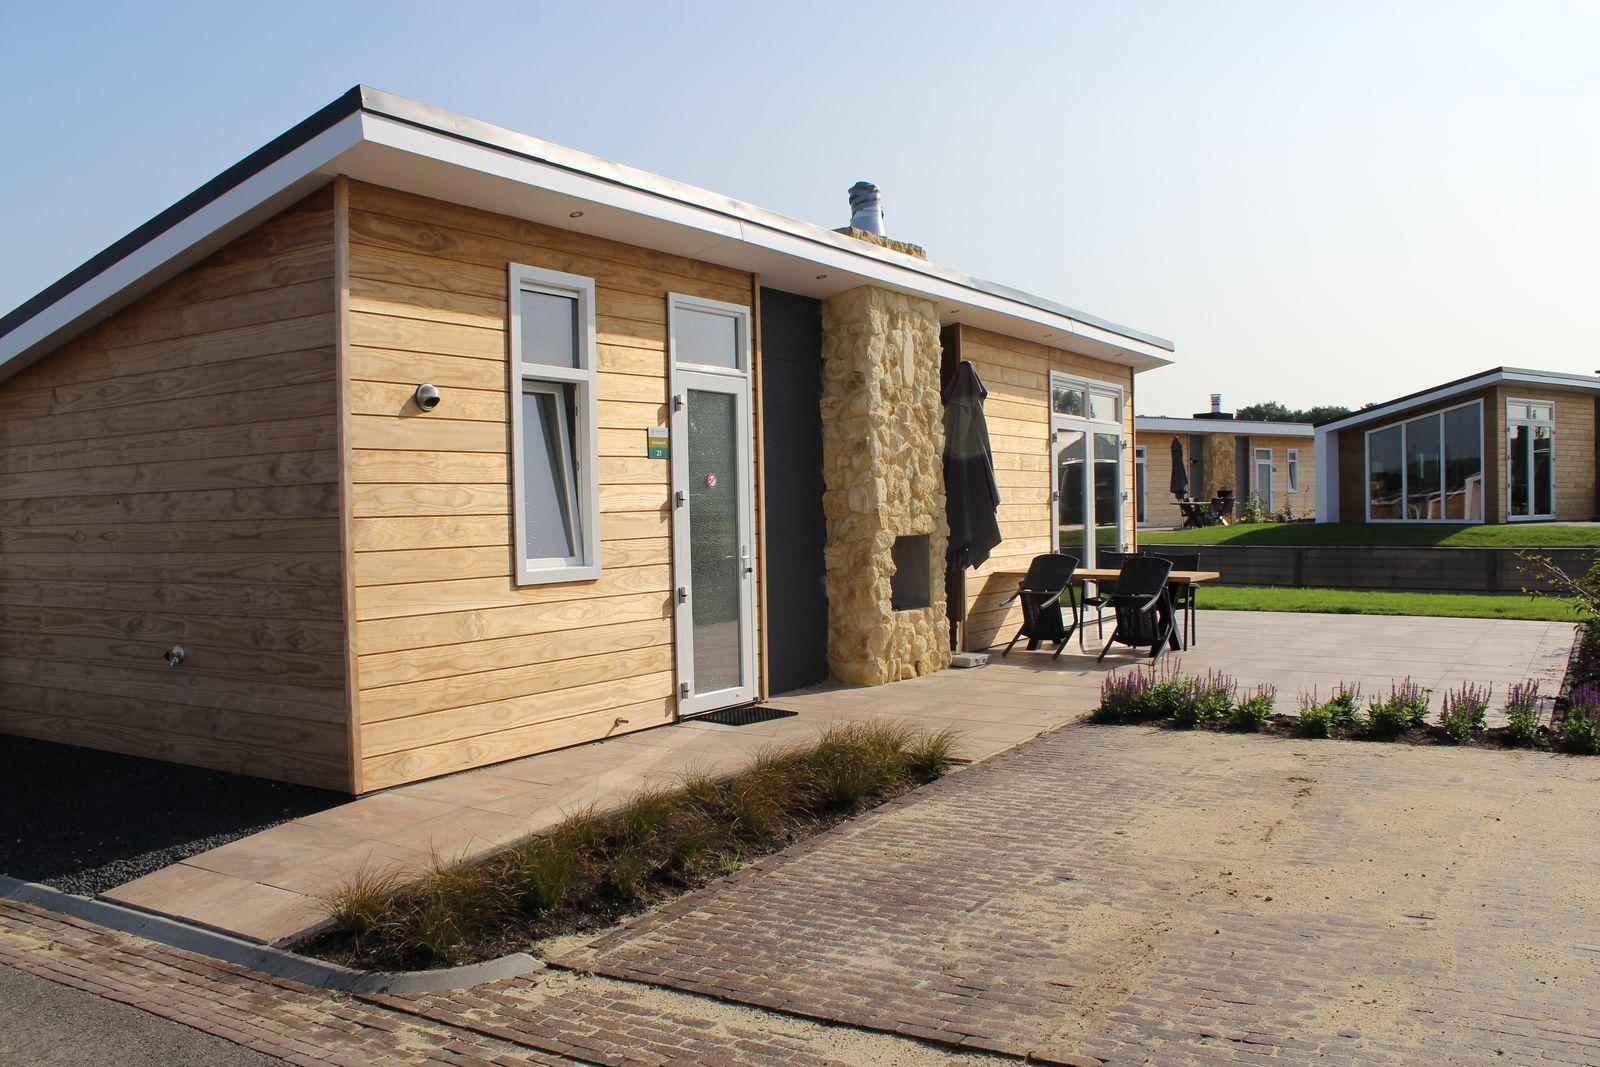 Vakantiewoning Biebosch voor 4-personen in Zuid-Limburg